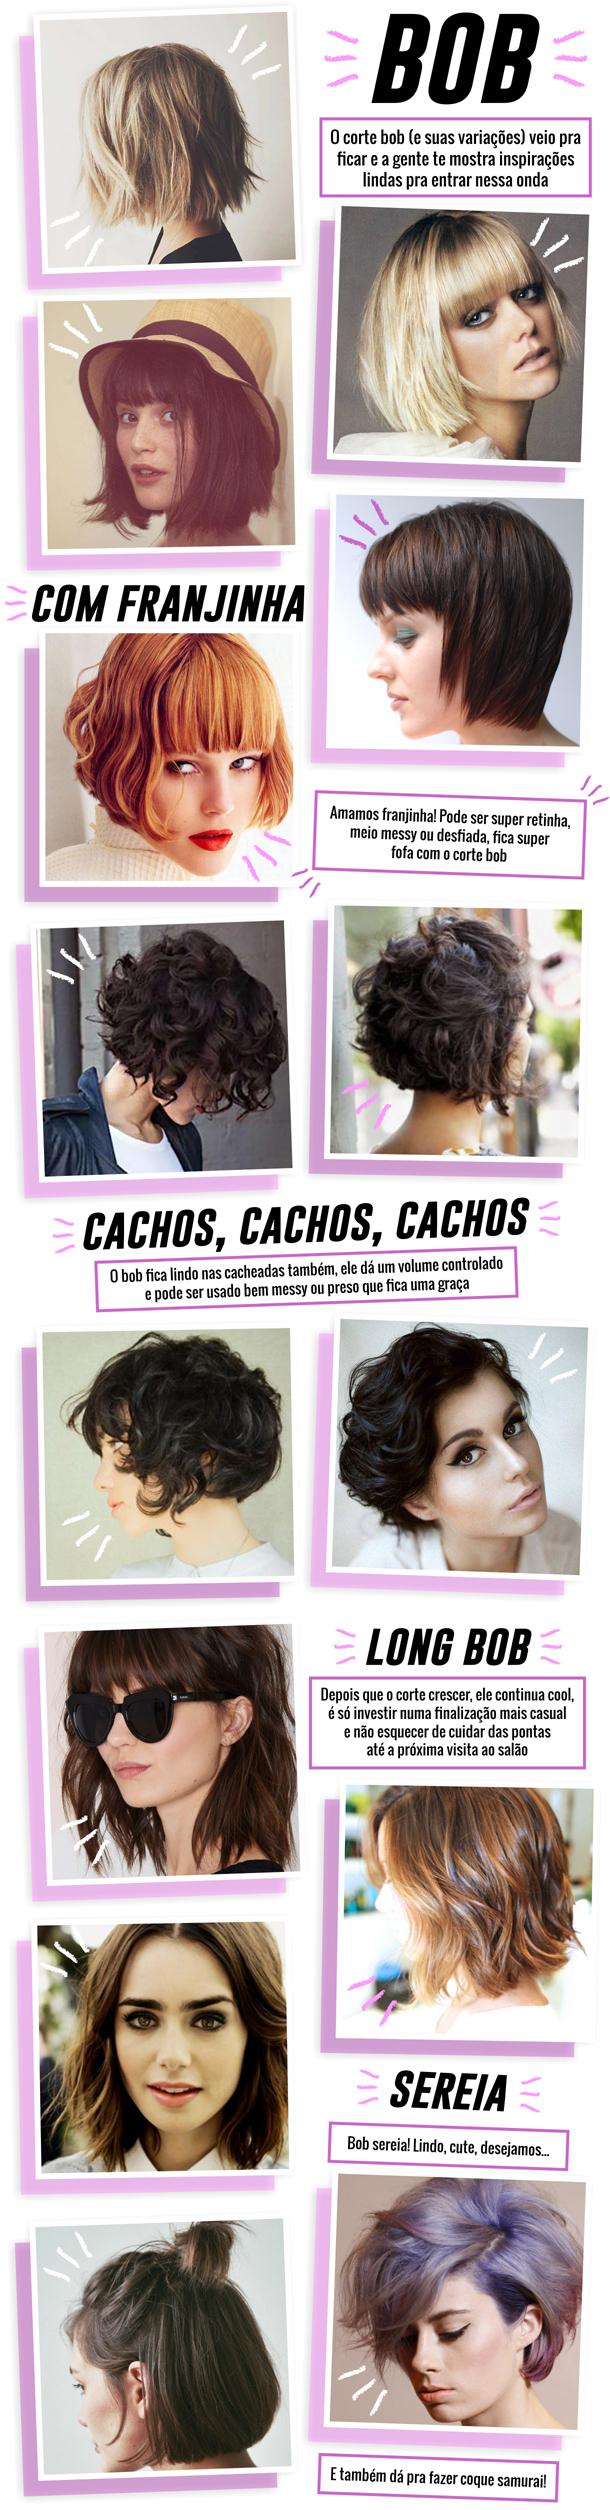 mundo-lolita-corte-bob-ideias-inspiração-cabelos